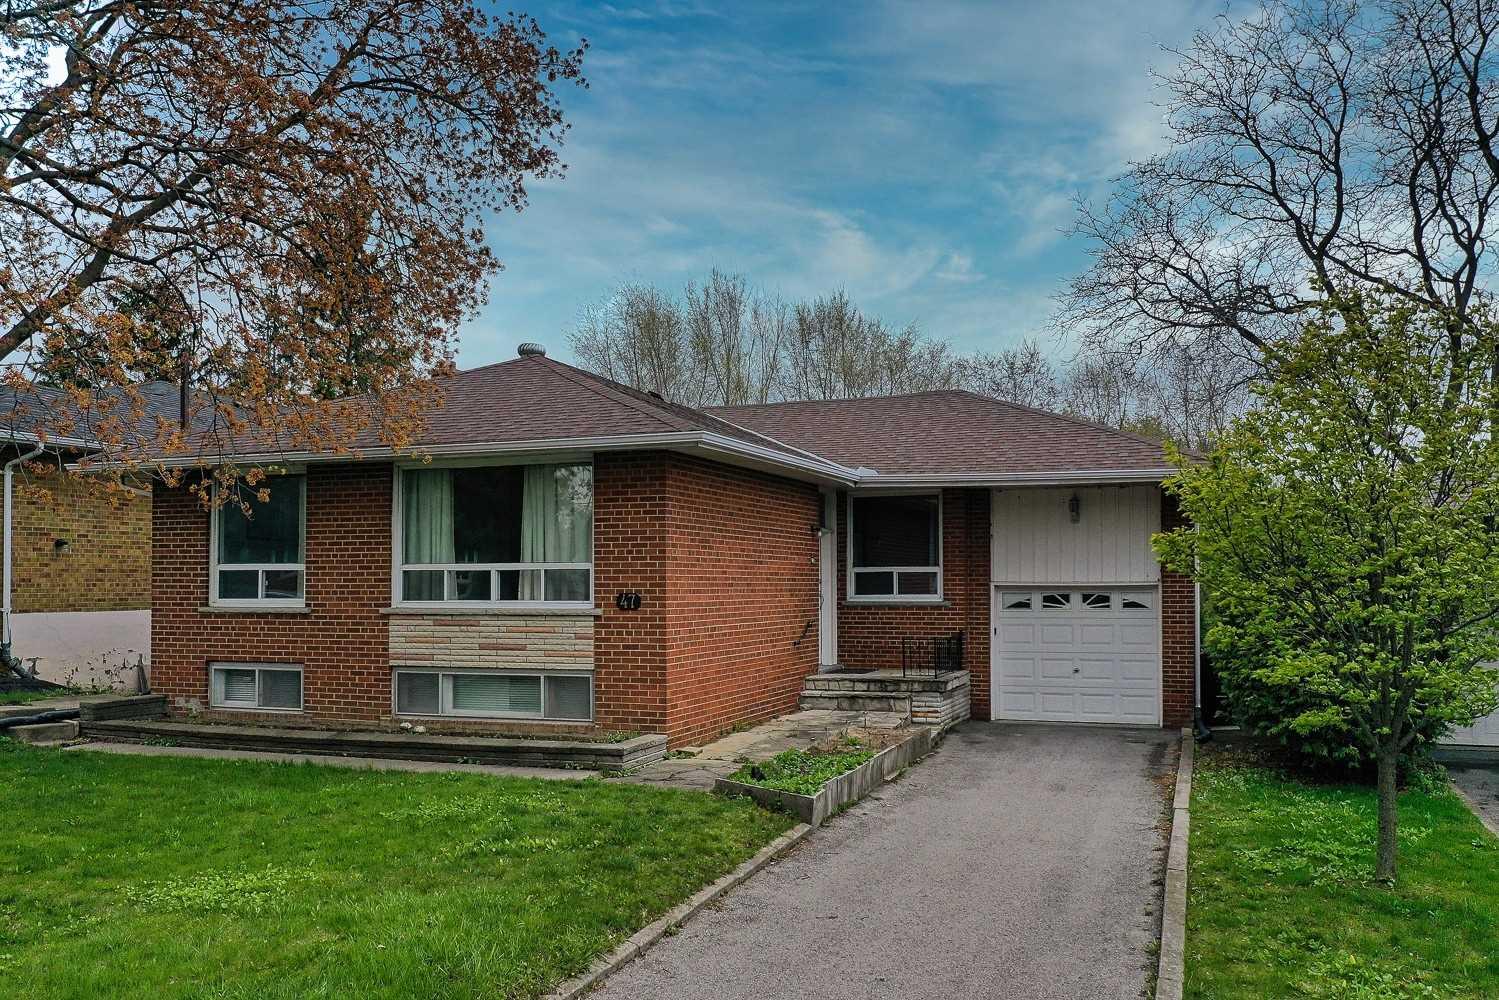 47 Woodthorpe Rd, Toronto, Ontario M4A1S6, 3 Bedrooms Bedrooms, 6 Rooms Rooms,2 BathroomsBathrooms,Detached,For Sale,Woodthorpe,C5216866